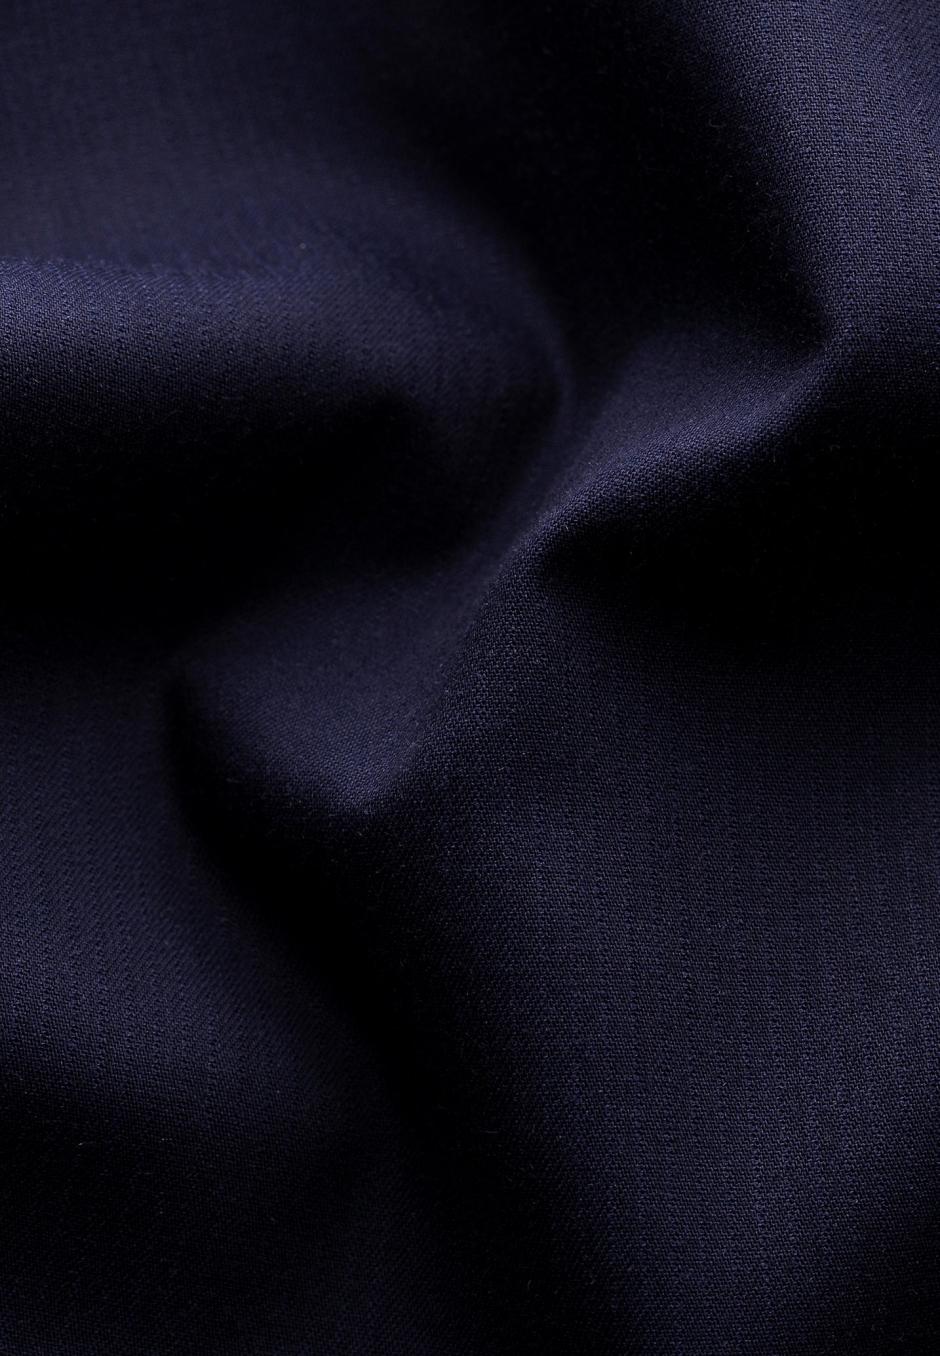 EDC by ESPRIT Messieurs bûcheron kentkragen manches longues Slim Fit Bleu S